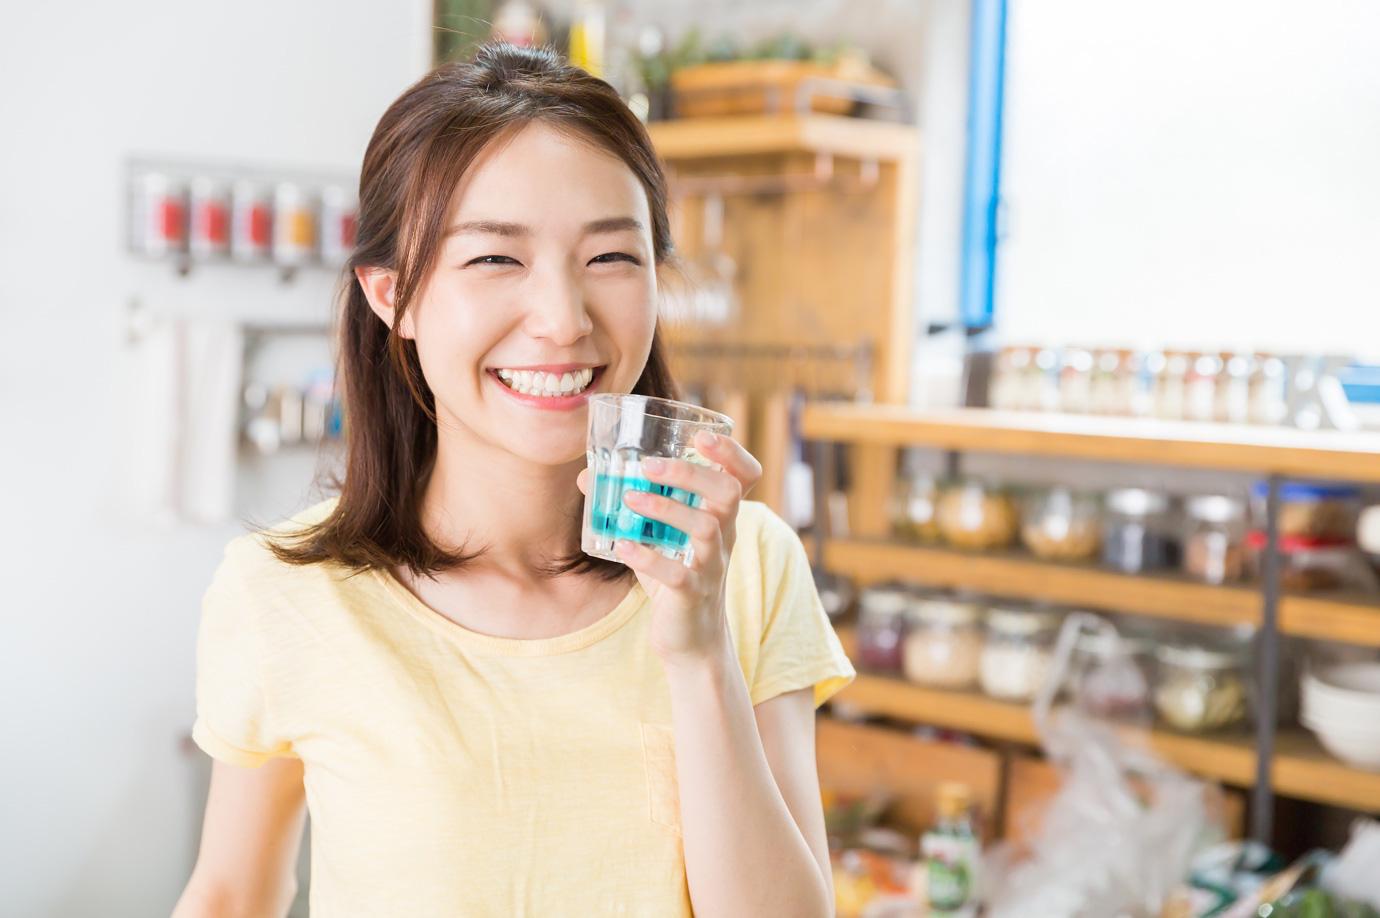 Vì sao nước súc miệng diệt khuẩn là sản phẩm quan trọng chẳng kém gì nước rửa tay, khẩu trang? - Ảnh 4.